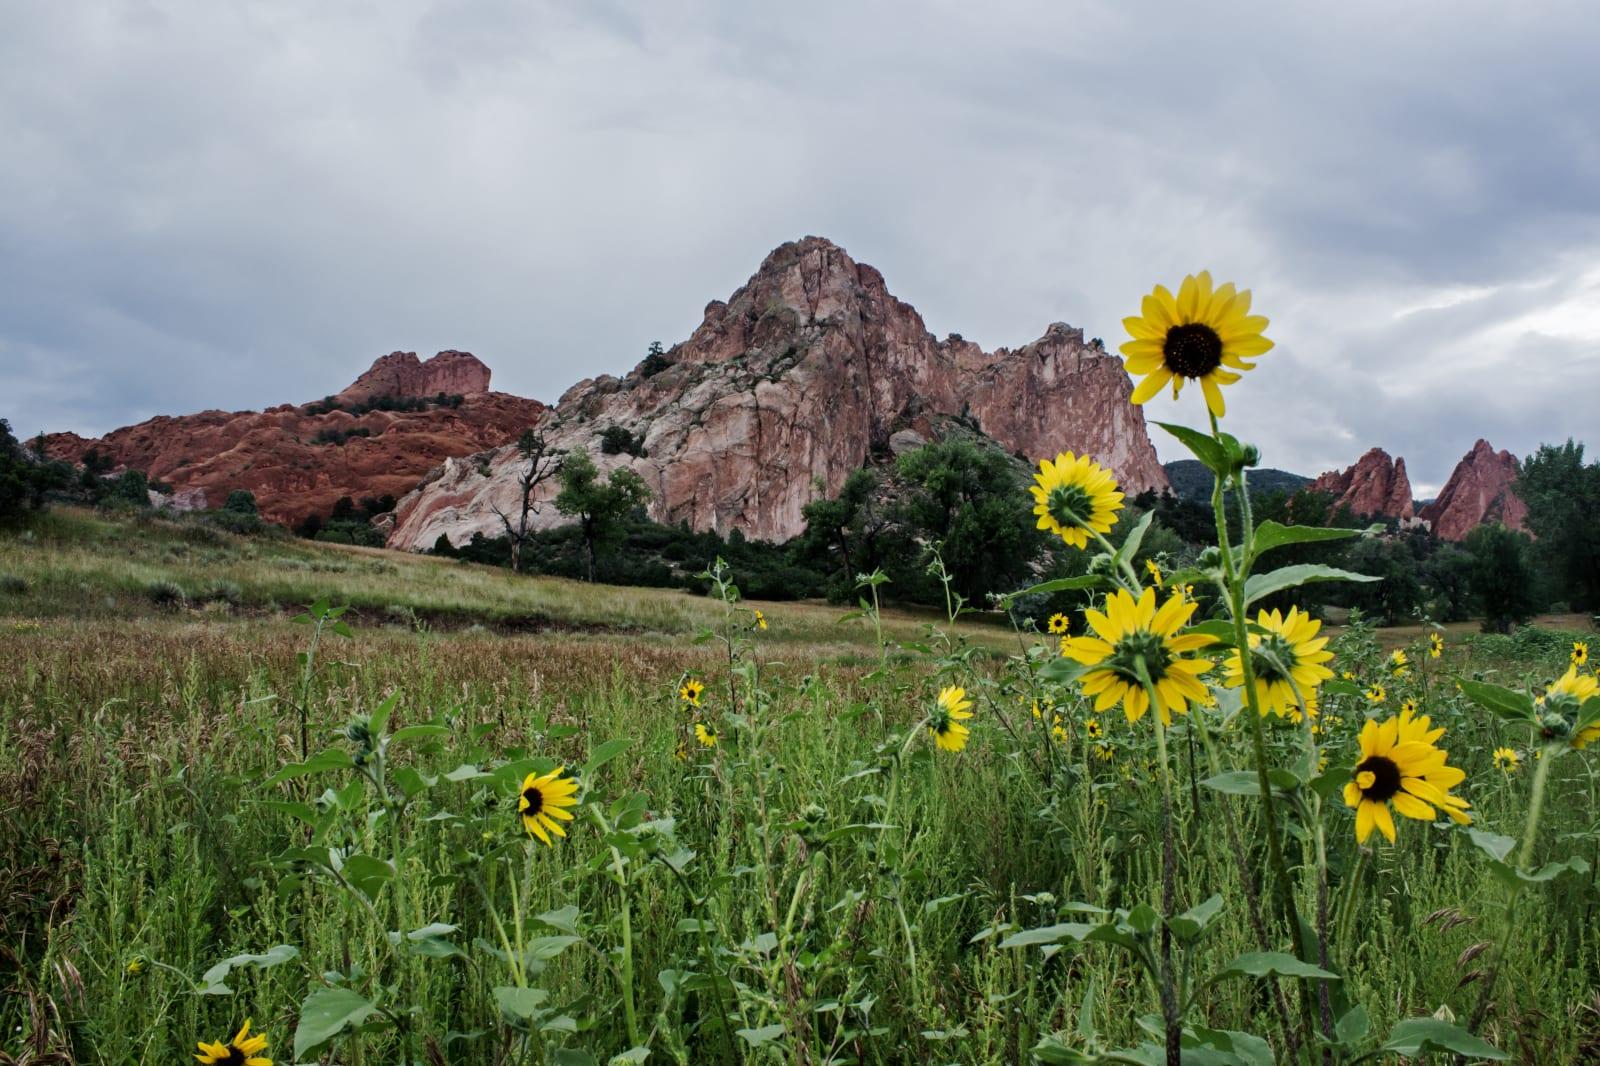 Garden of the Gods Colorado Springs Sunflowers